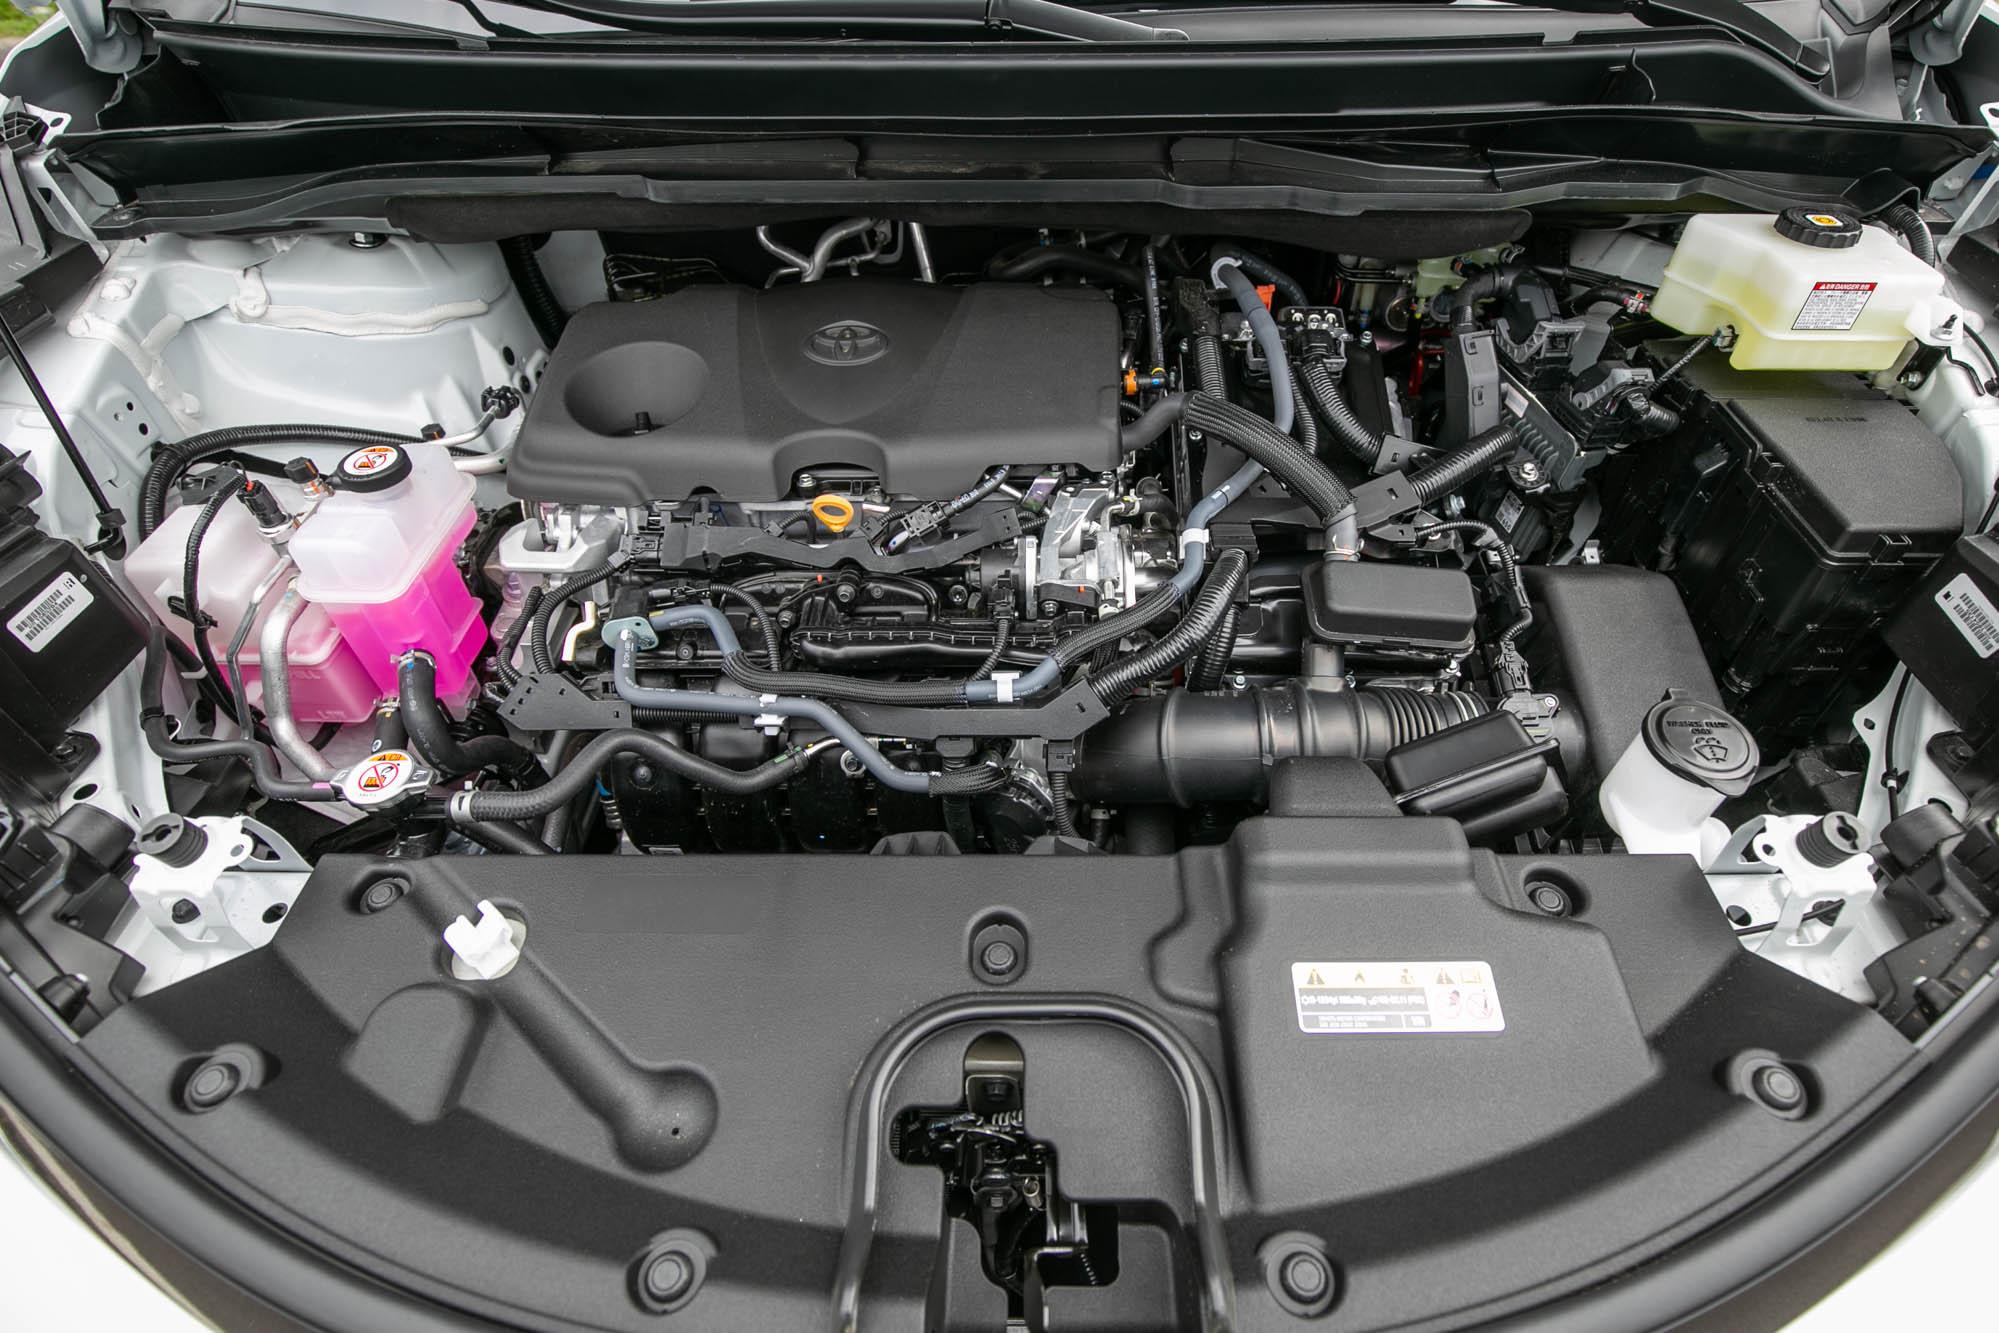 換上全新油電動力系統,汽油部分由2.5升直列四缸引擎所擔綱,搭配上電動馬達之後,綜效馬力為247ps,引擎峰值扭力為24.2kgm,電動馬達扭力則為27.5kgm。